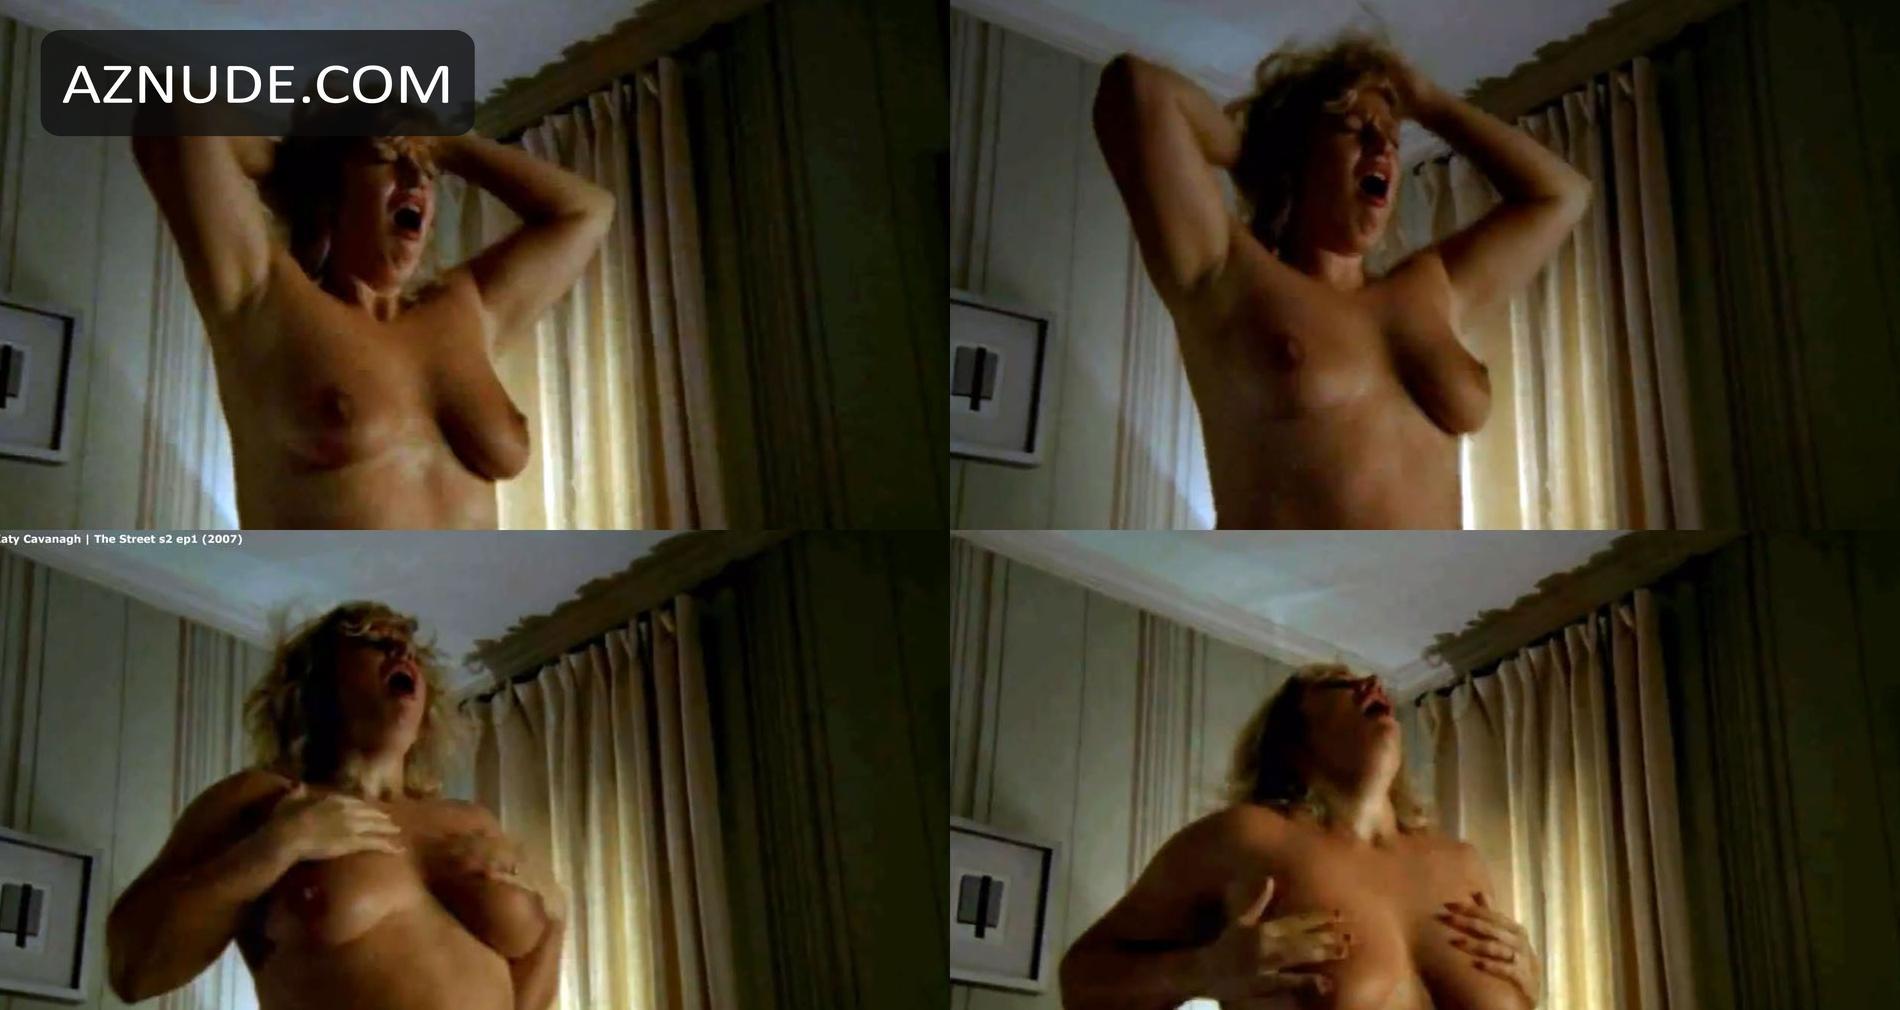 Katy Cavanagh Nude - Aznude